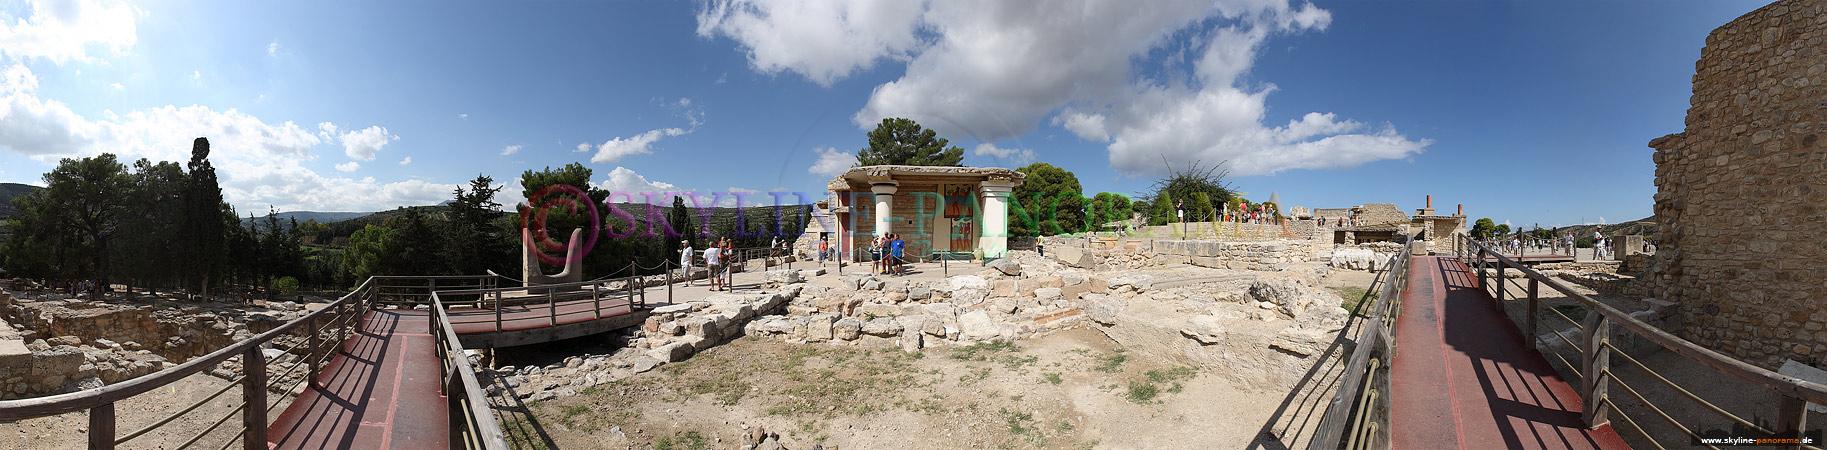 Kreta Bilder - Knossos, der Palast der Minoer ist nur wenige Kilometer hinter Heraklion gelegen.